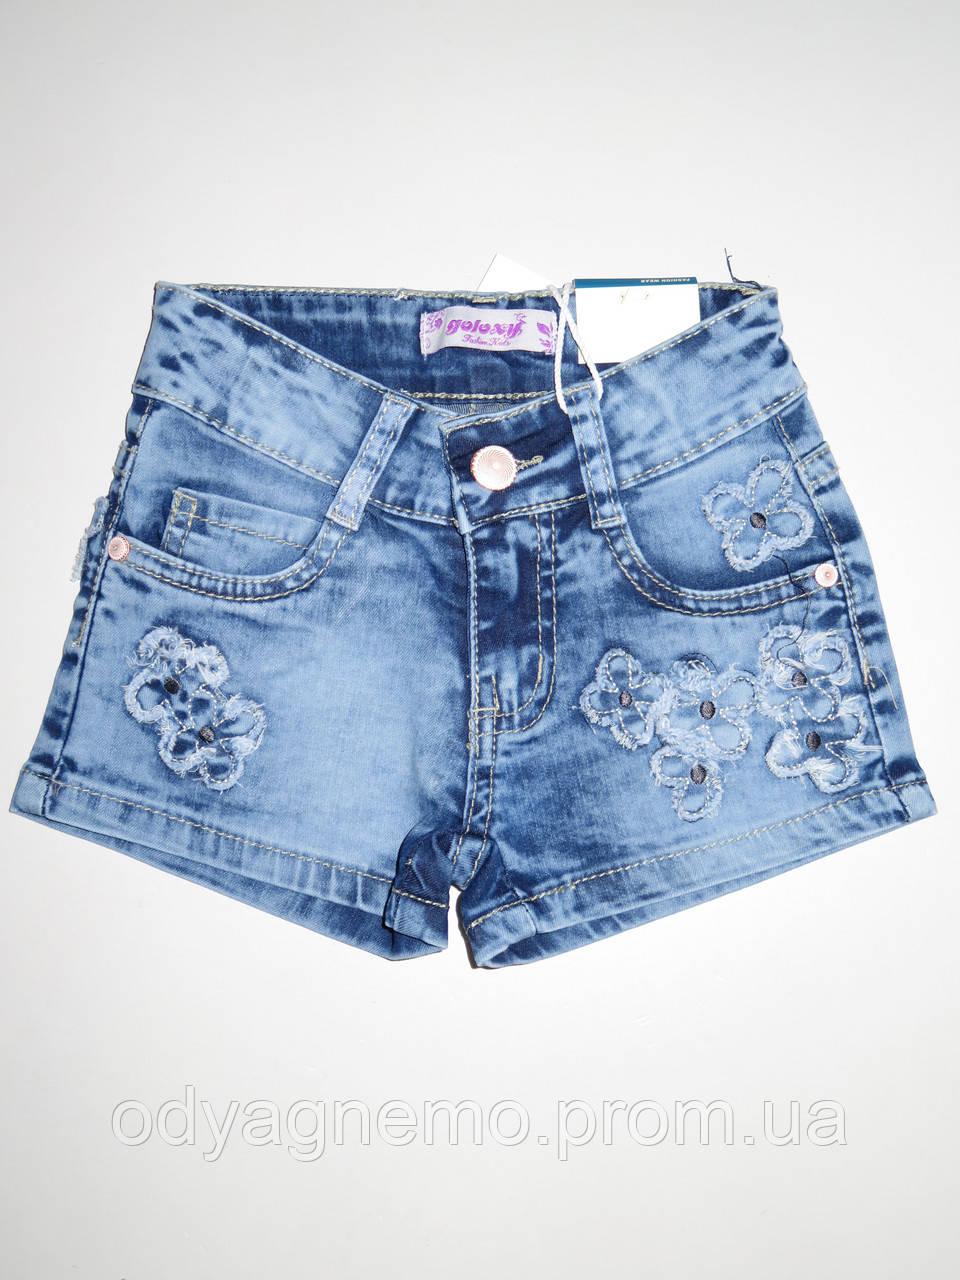 Джинсовые шорты для девочек Goloxy оптом, 116-146 pp.